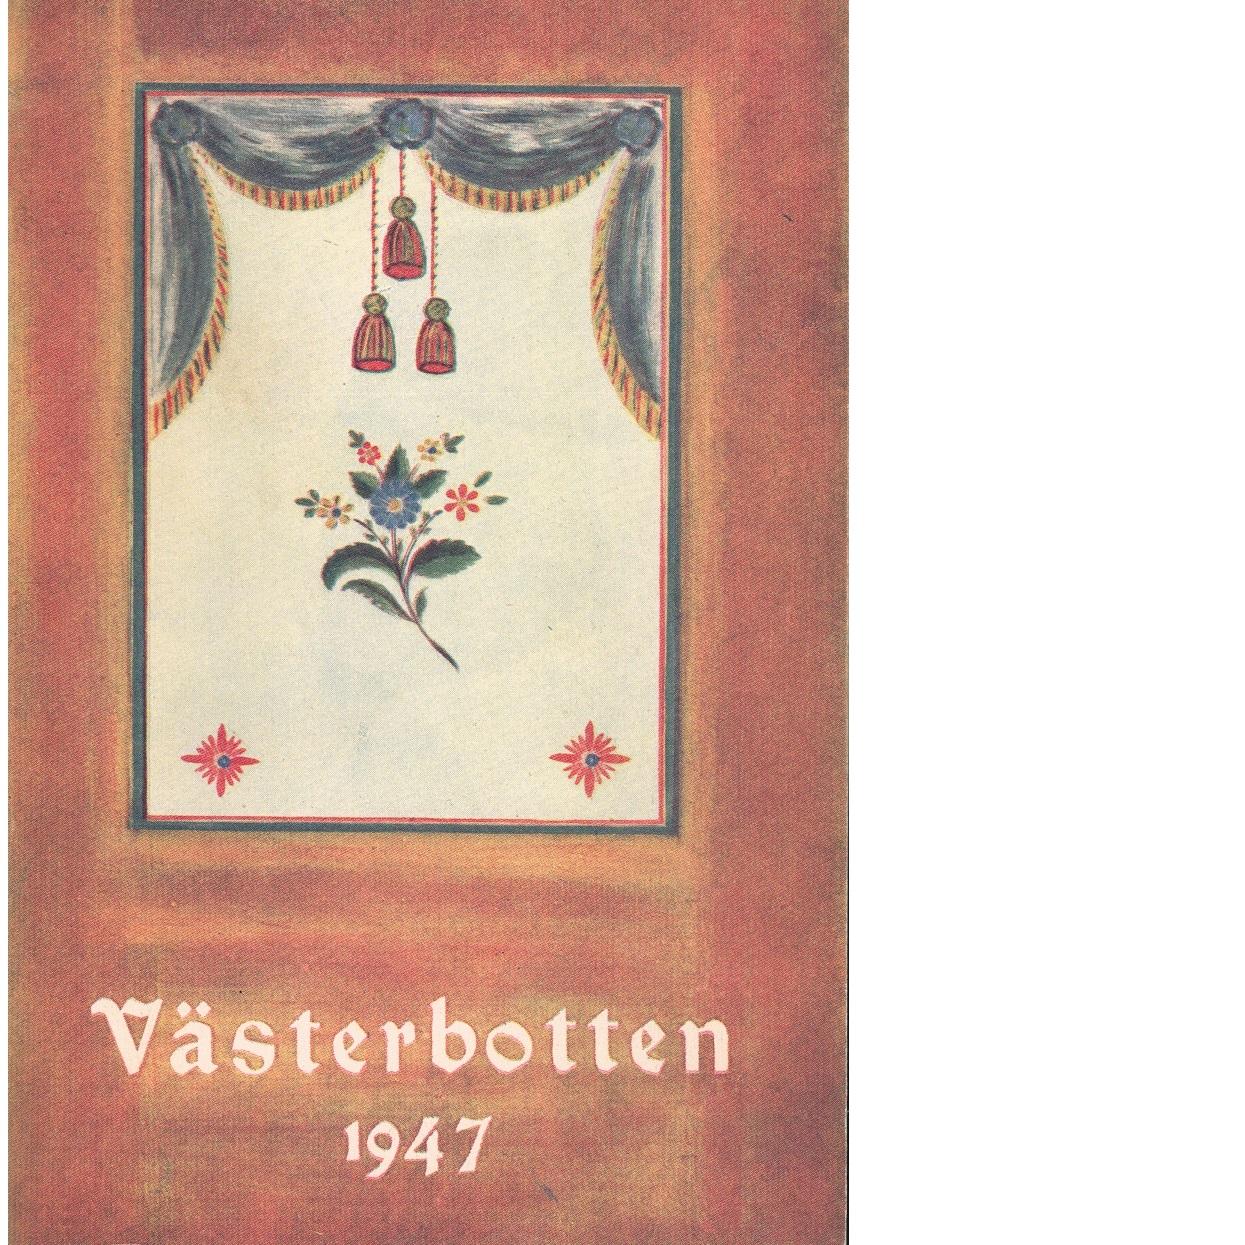 Västerbotten 1947 : Västerbottens läns hembygdsförenings årsbok - Red.